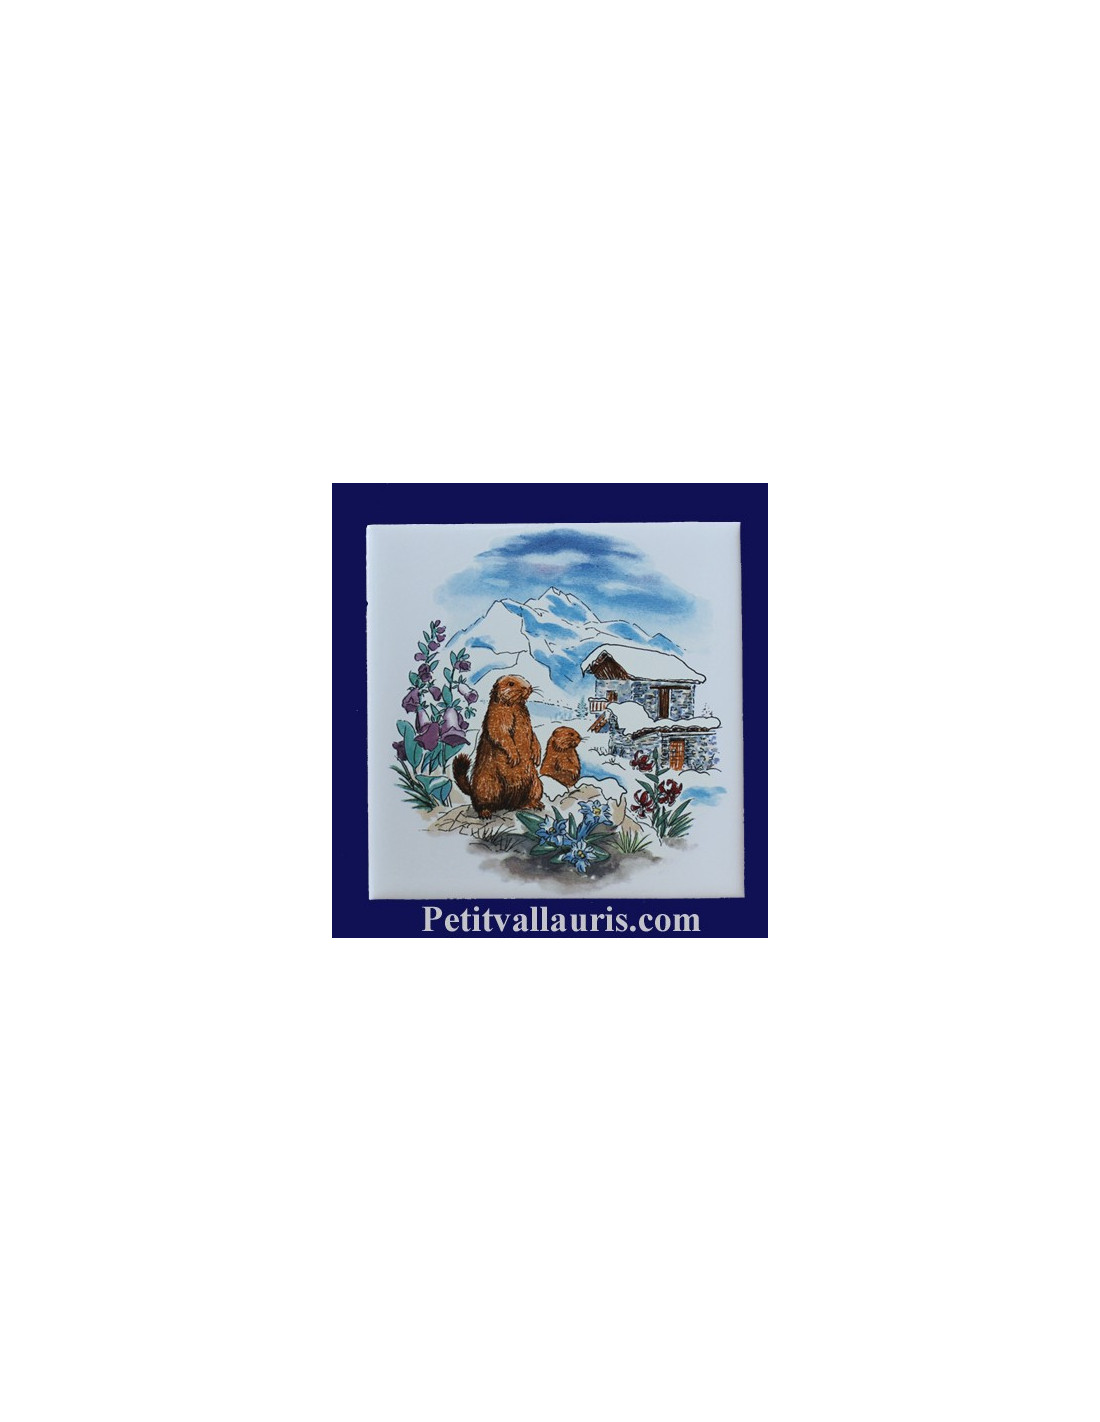 carreau d cor paysage hiver et refuge 10 x 10 et 15x15 cm le petit vallauris. Black Bedroom Furniture Sets. Home Design Ideas